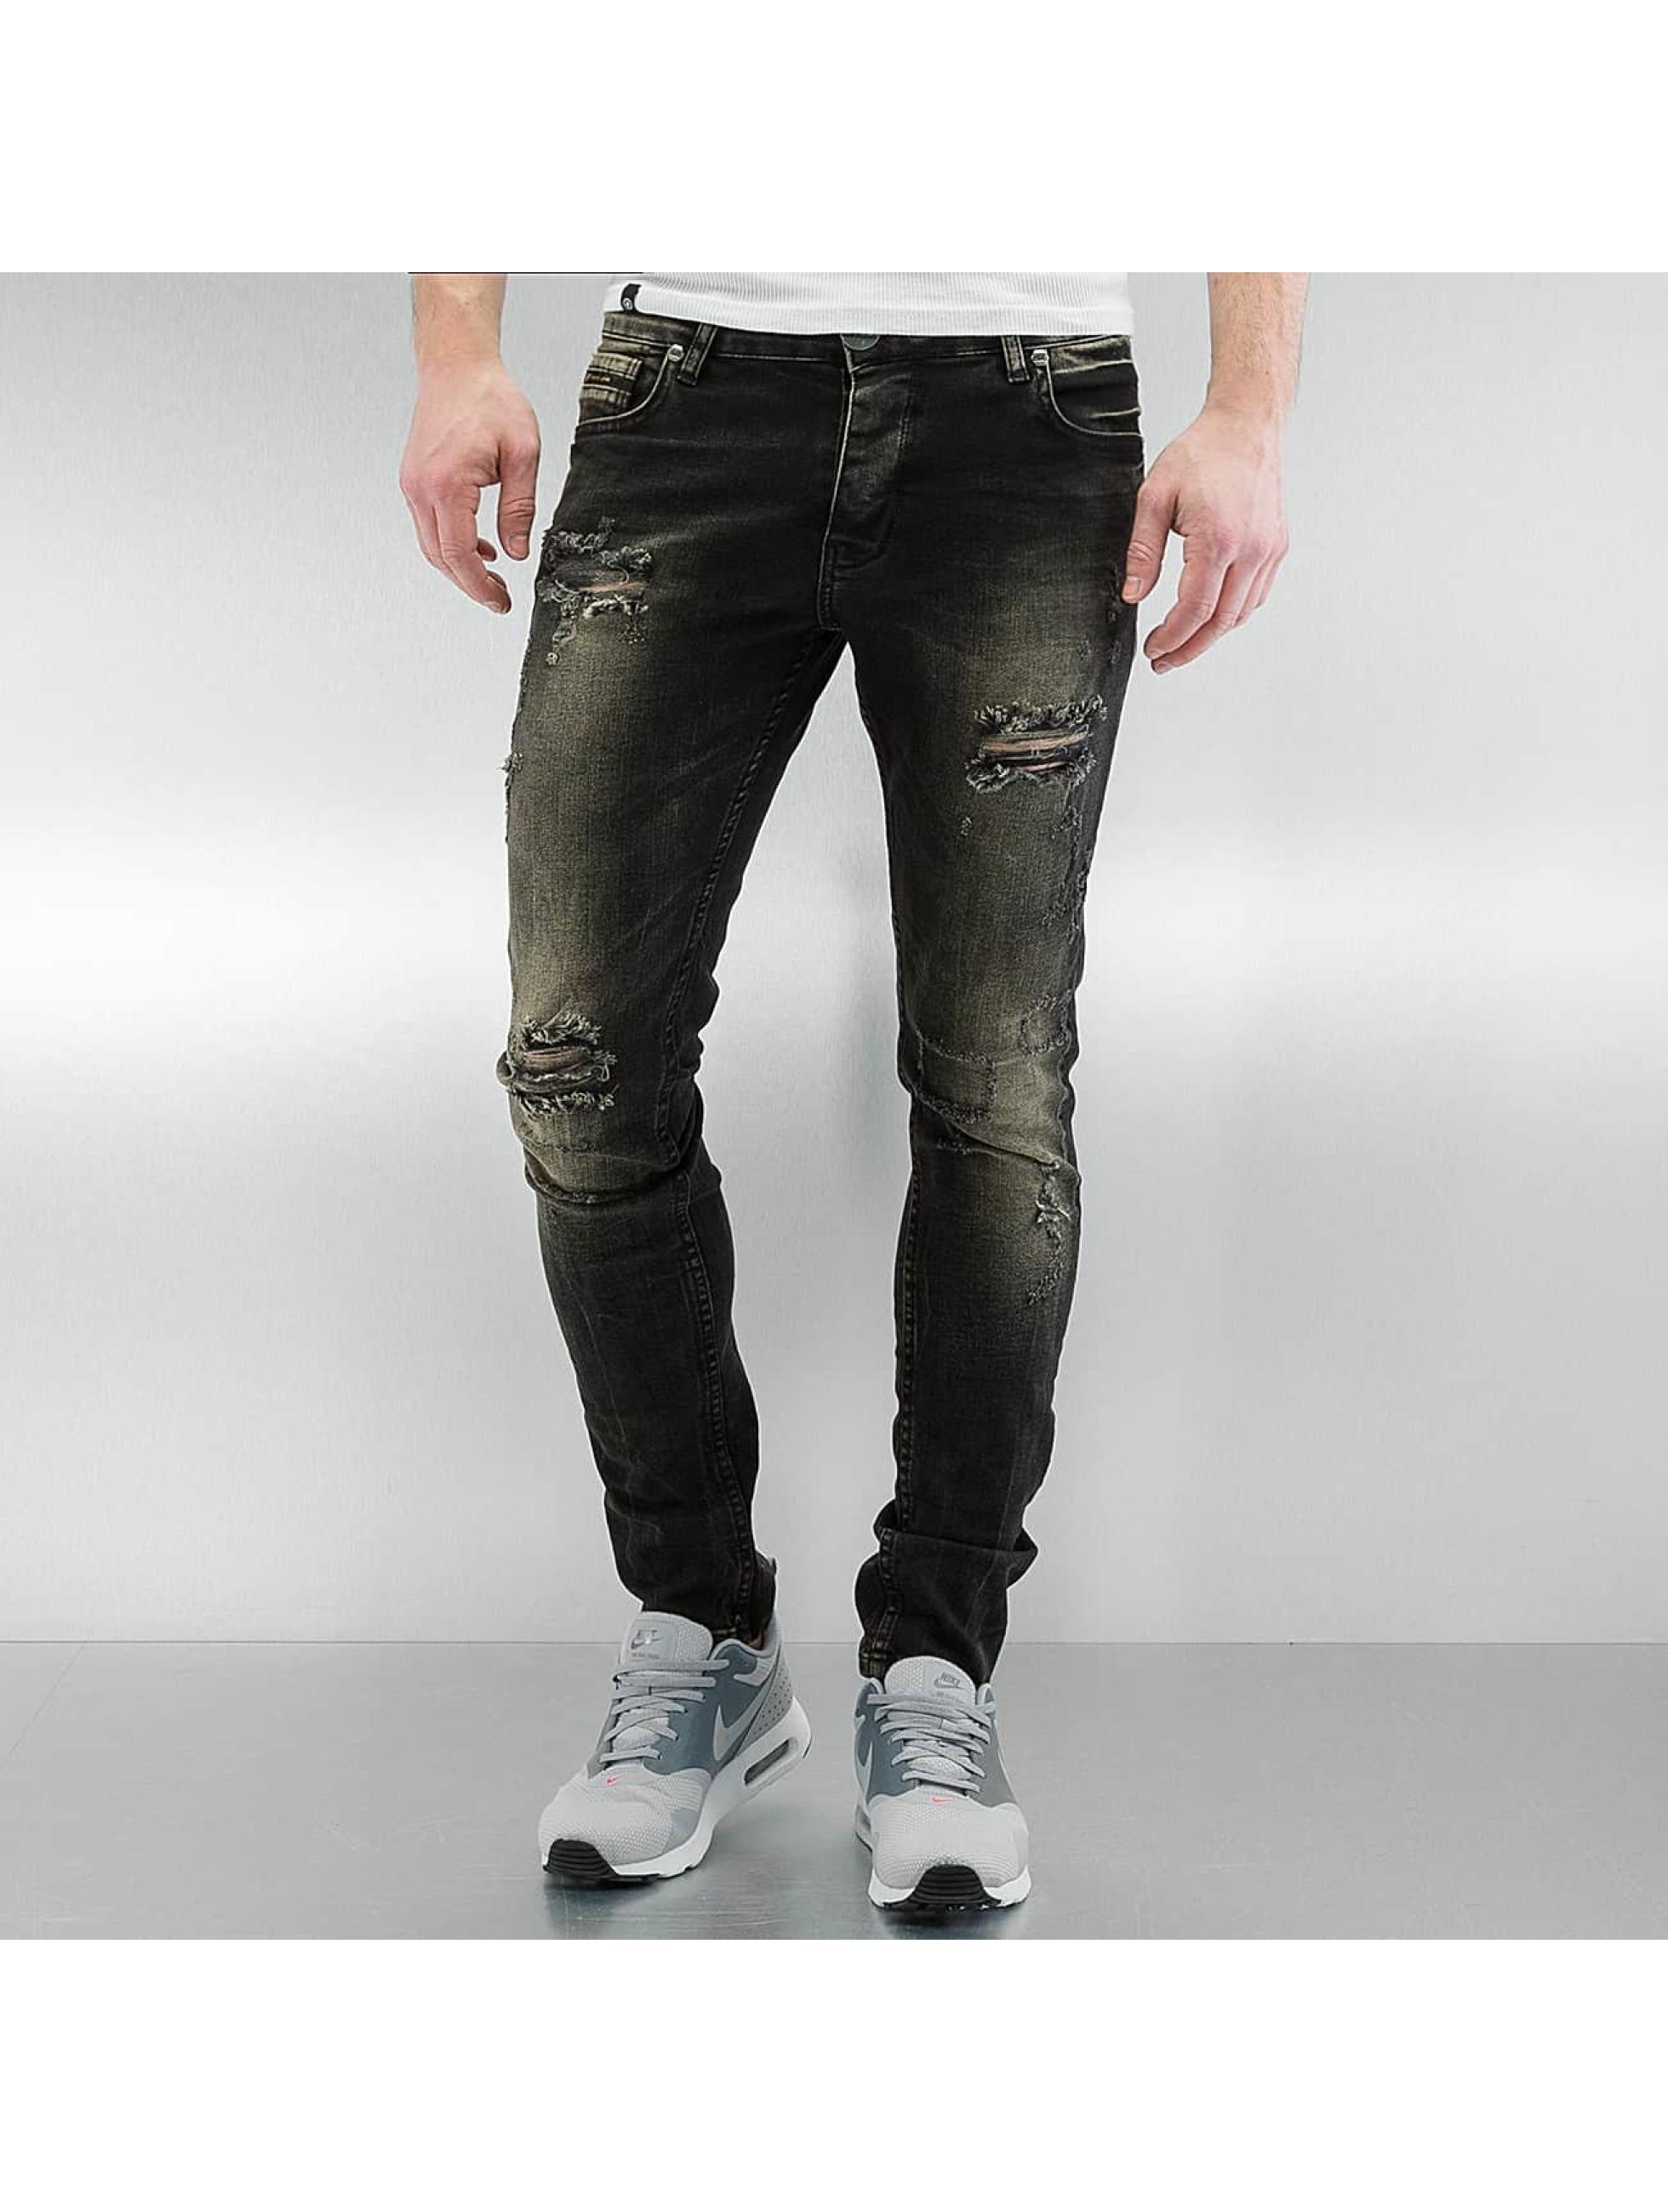 Skinny Jeans Cascais in schwarz